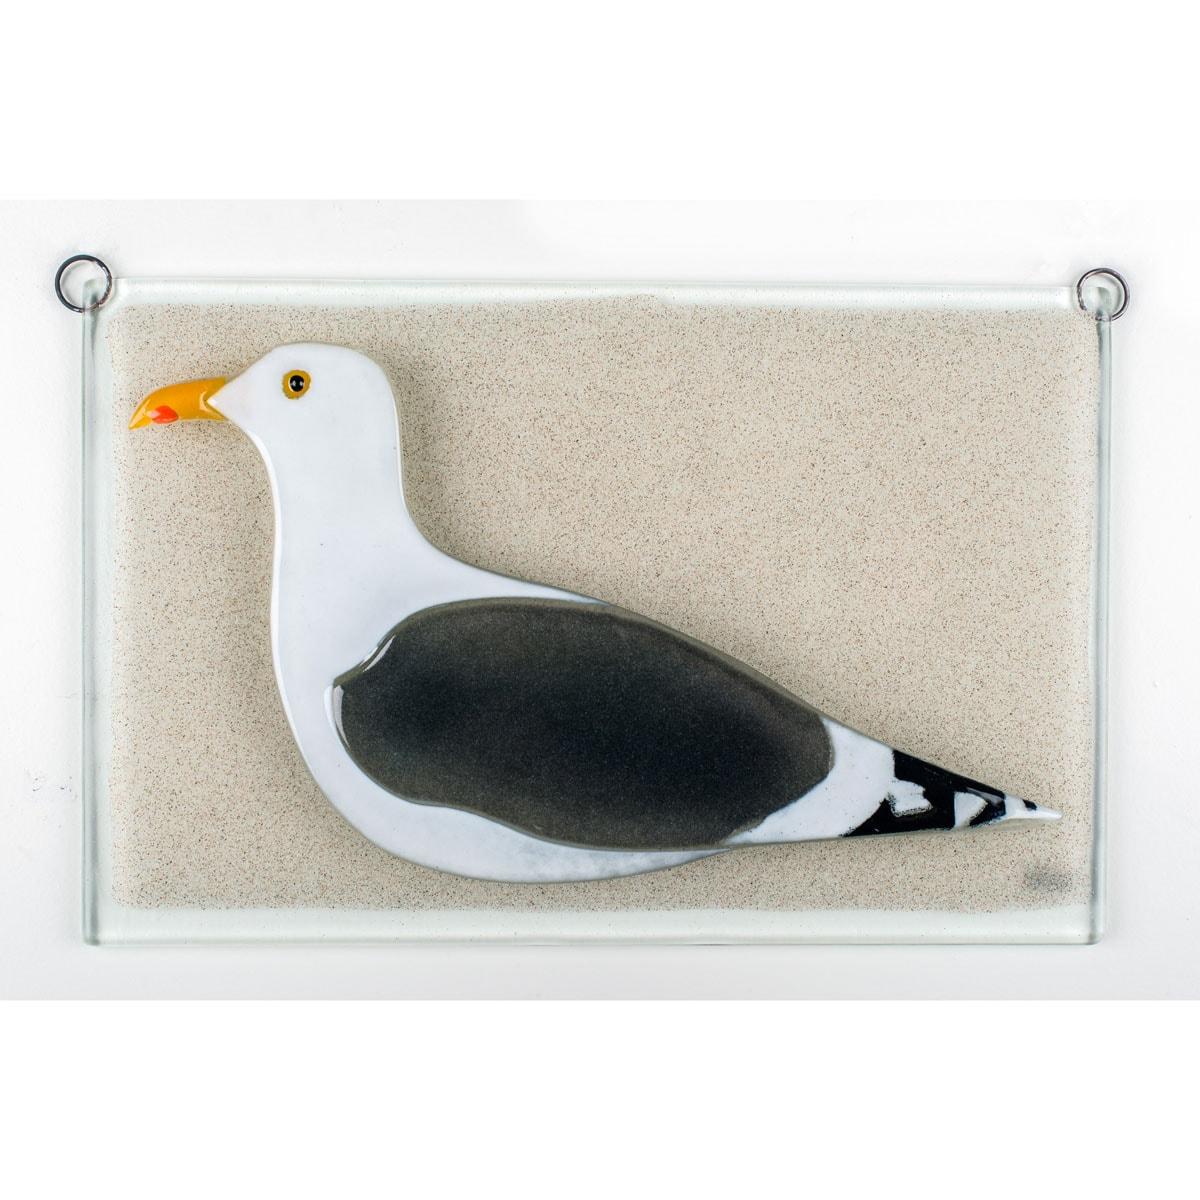 Heering gull, relief